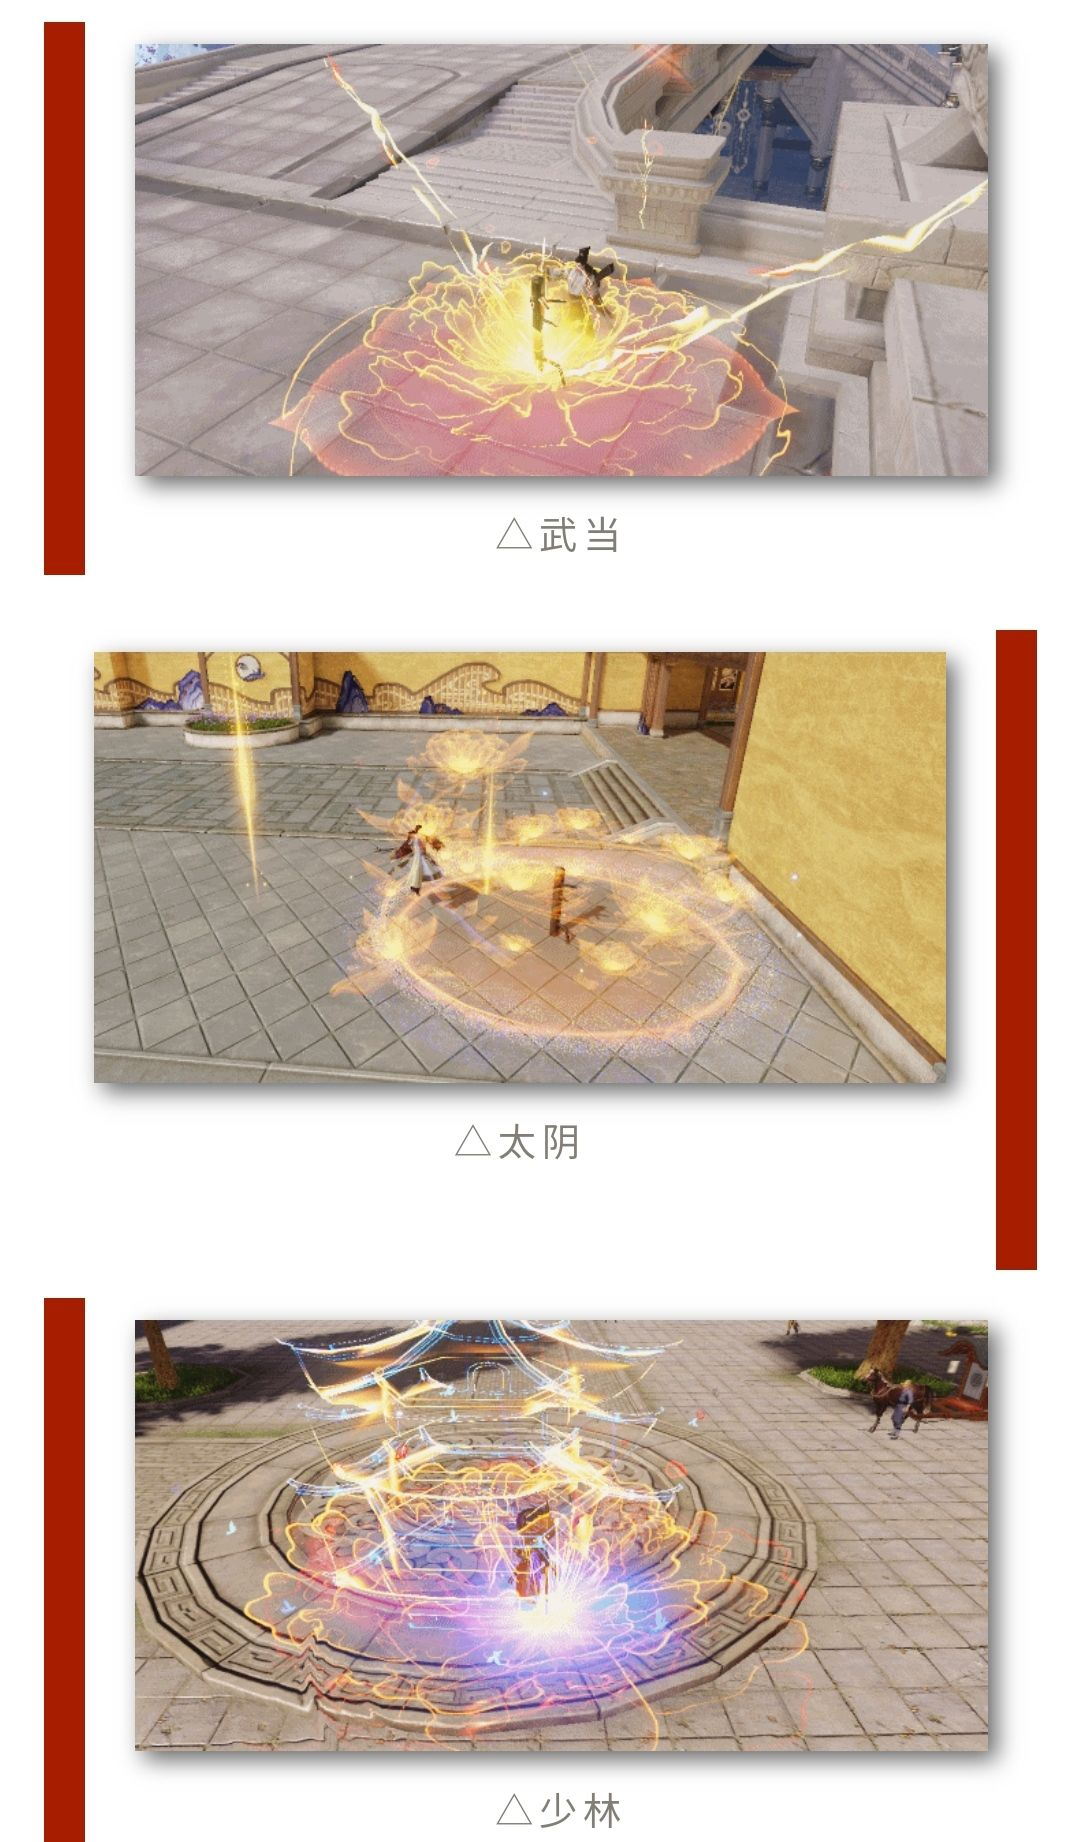 一梦江湖春节新特效怎么获得 春节新特效及玩具获取途径分享